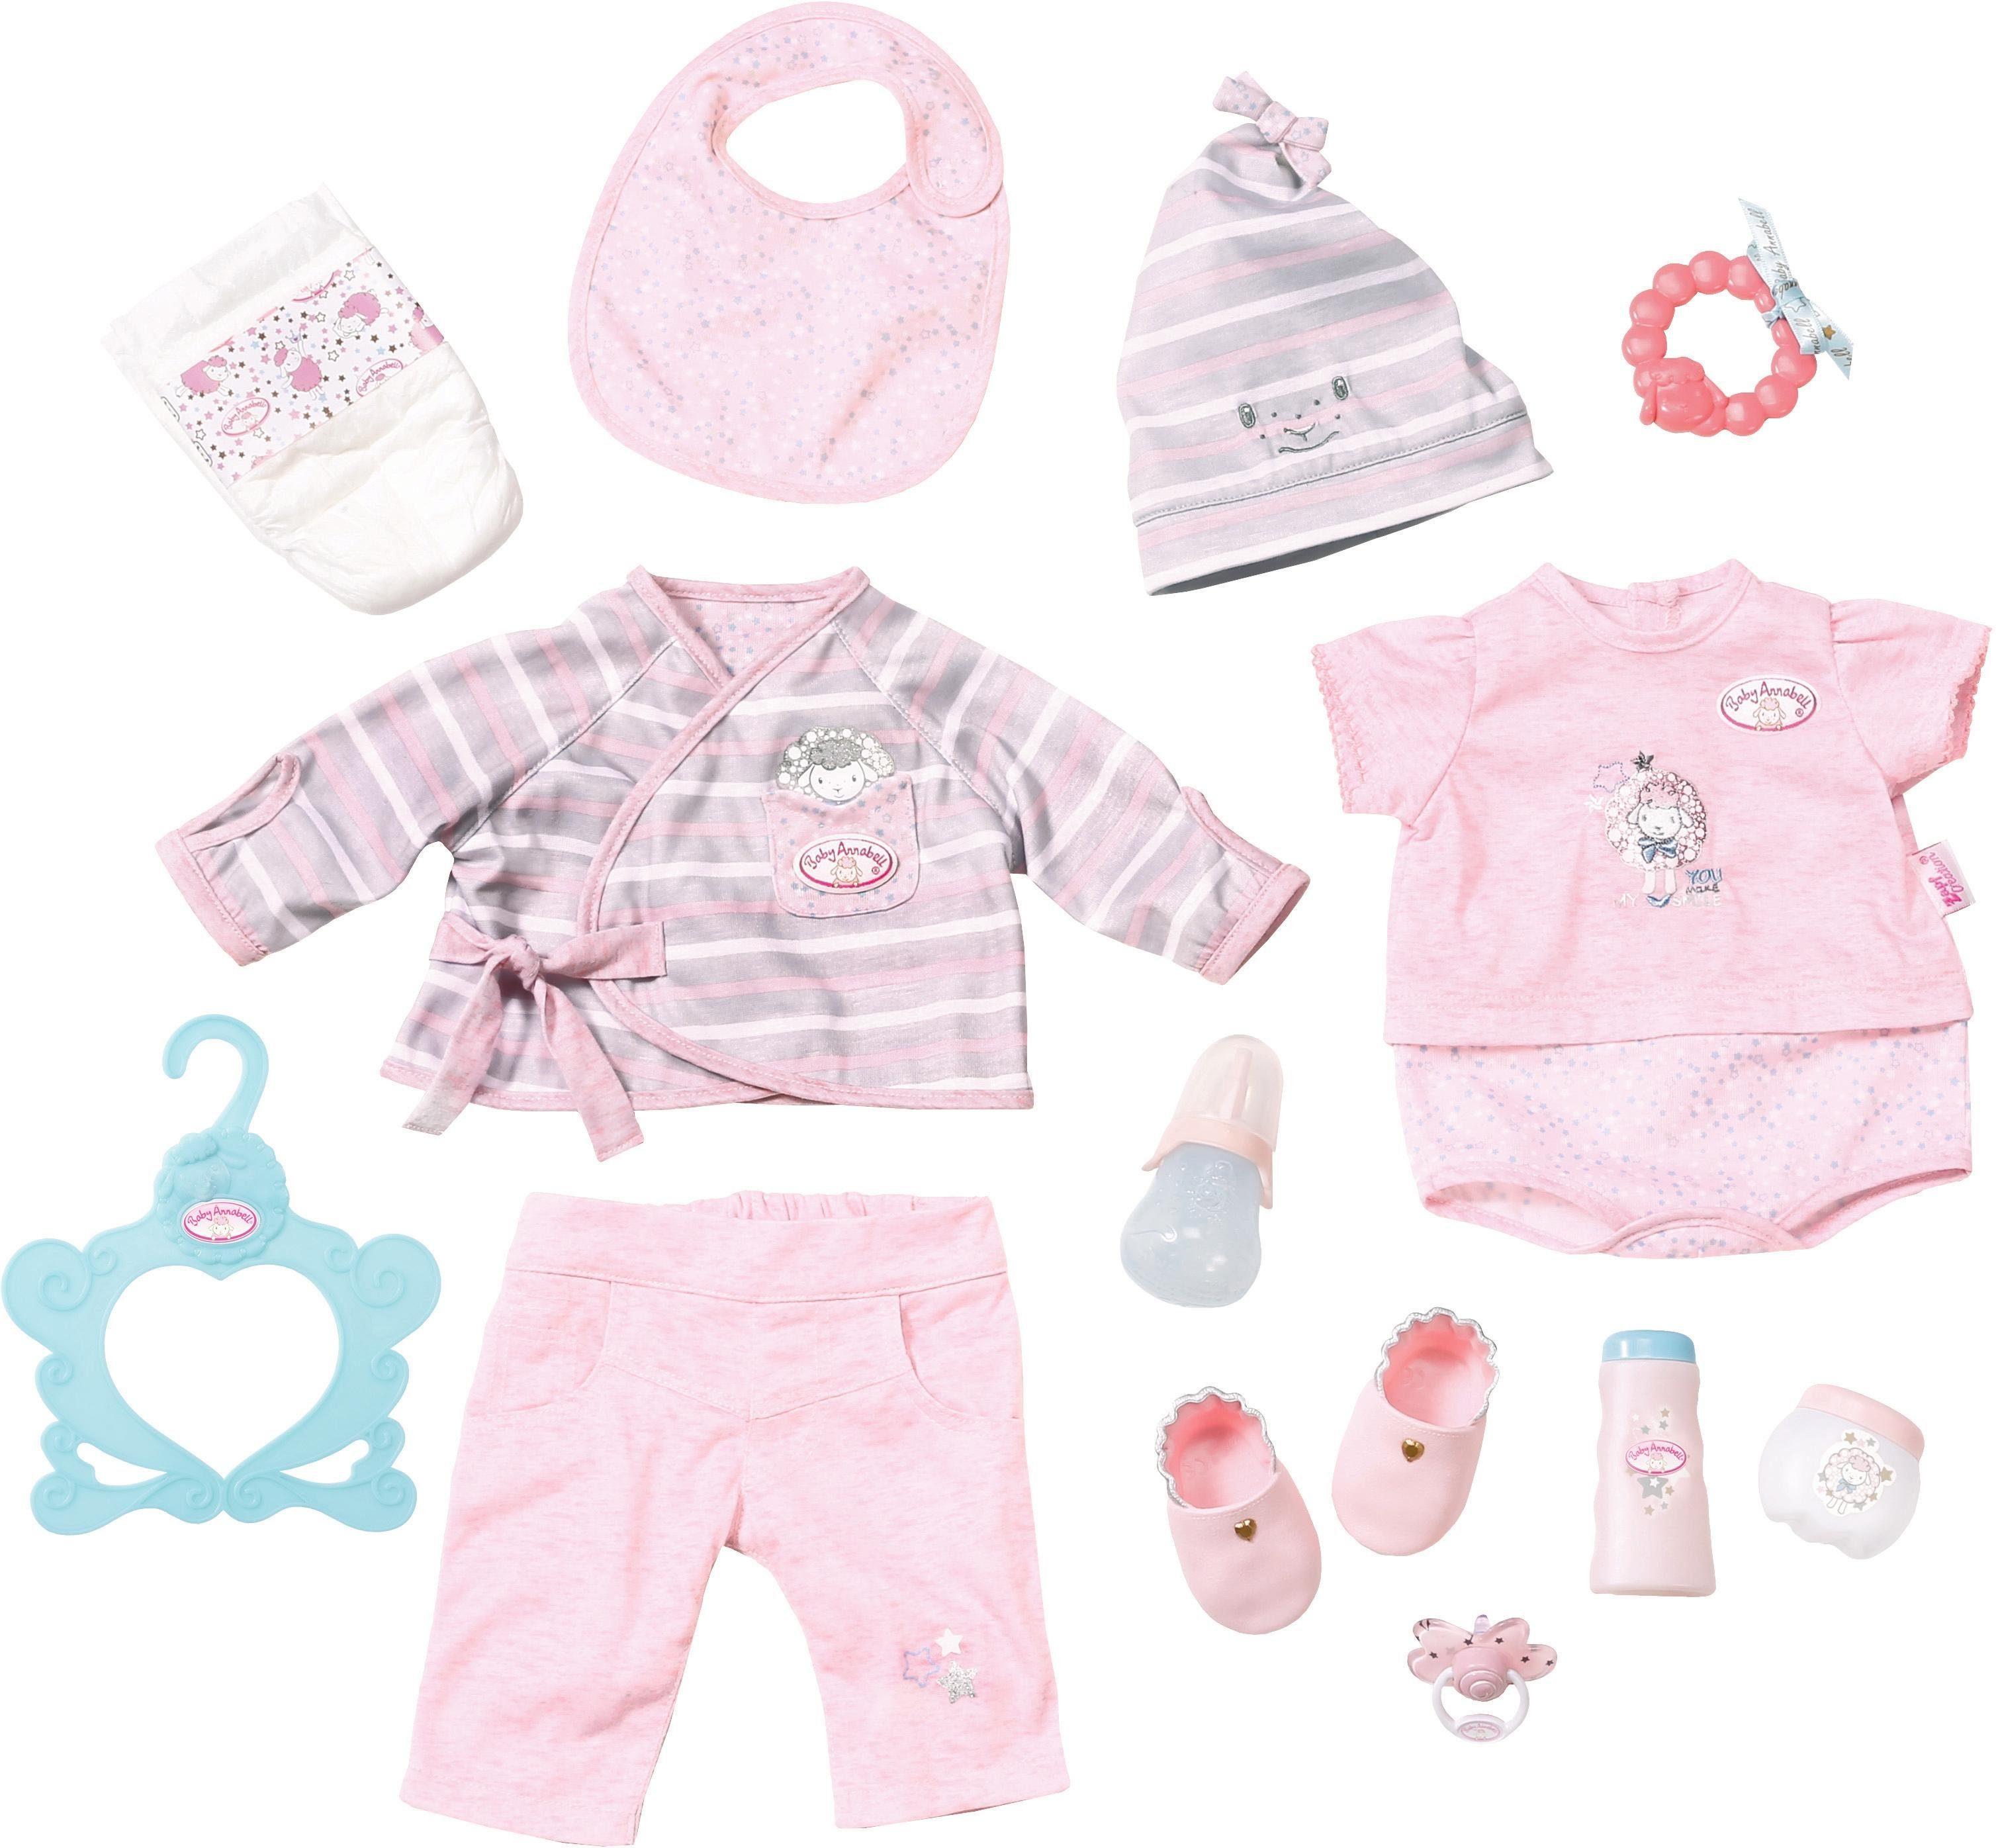 Zapf Creation Puppenbekleidungsset, »Baby Annabell® Deluxe Erstausstattung«